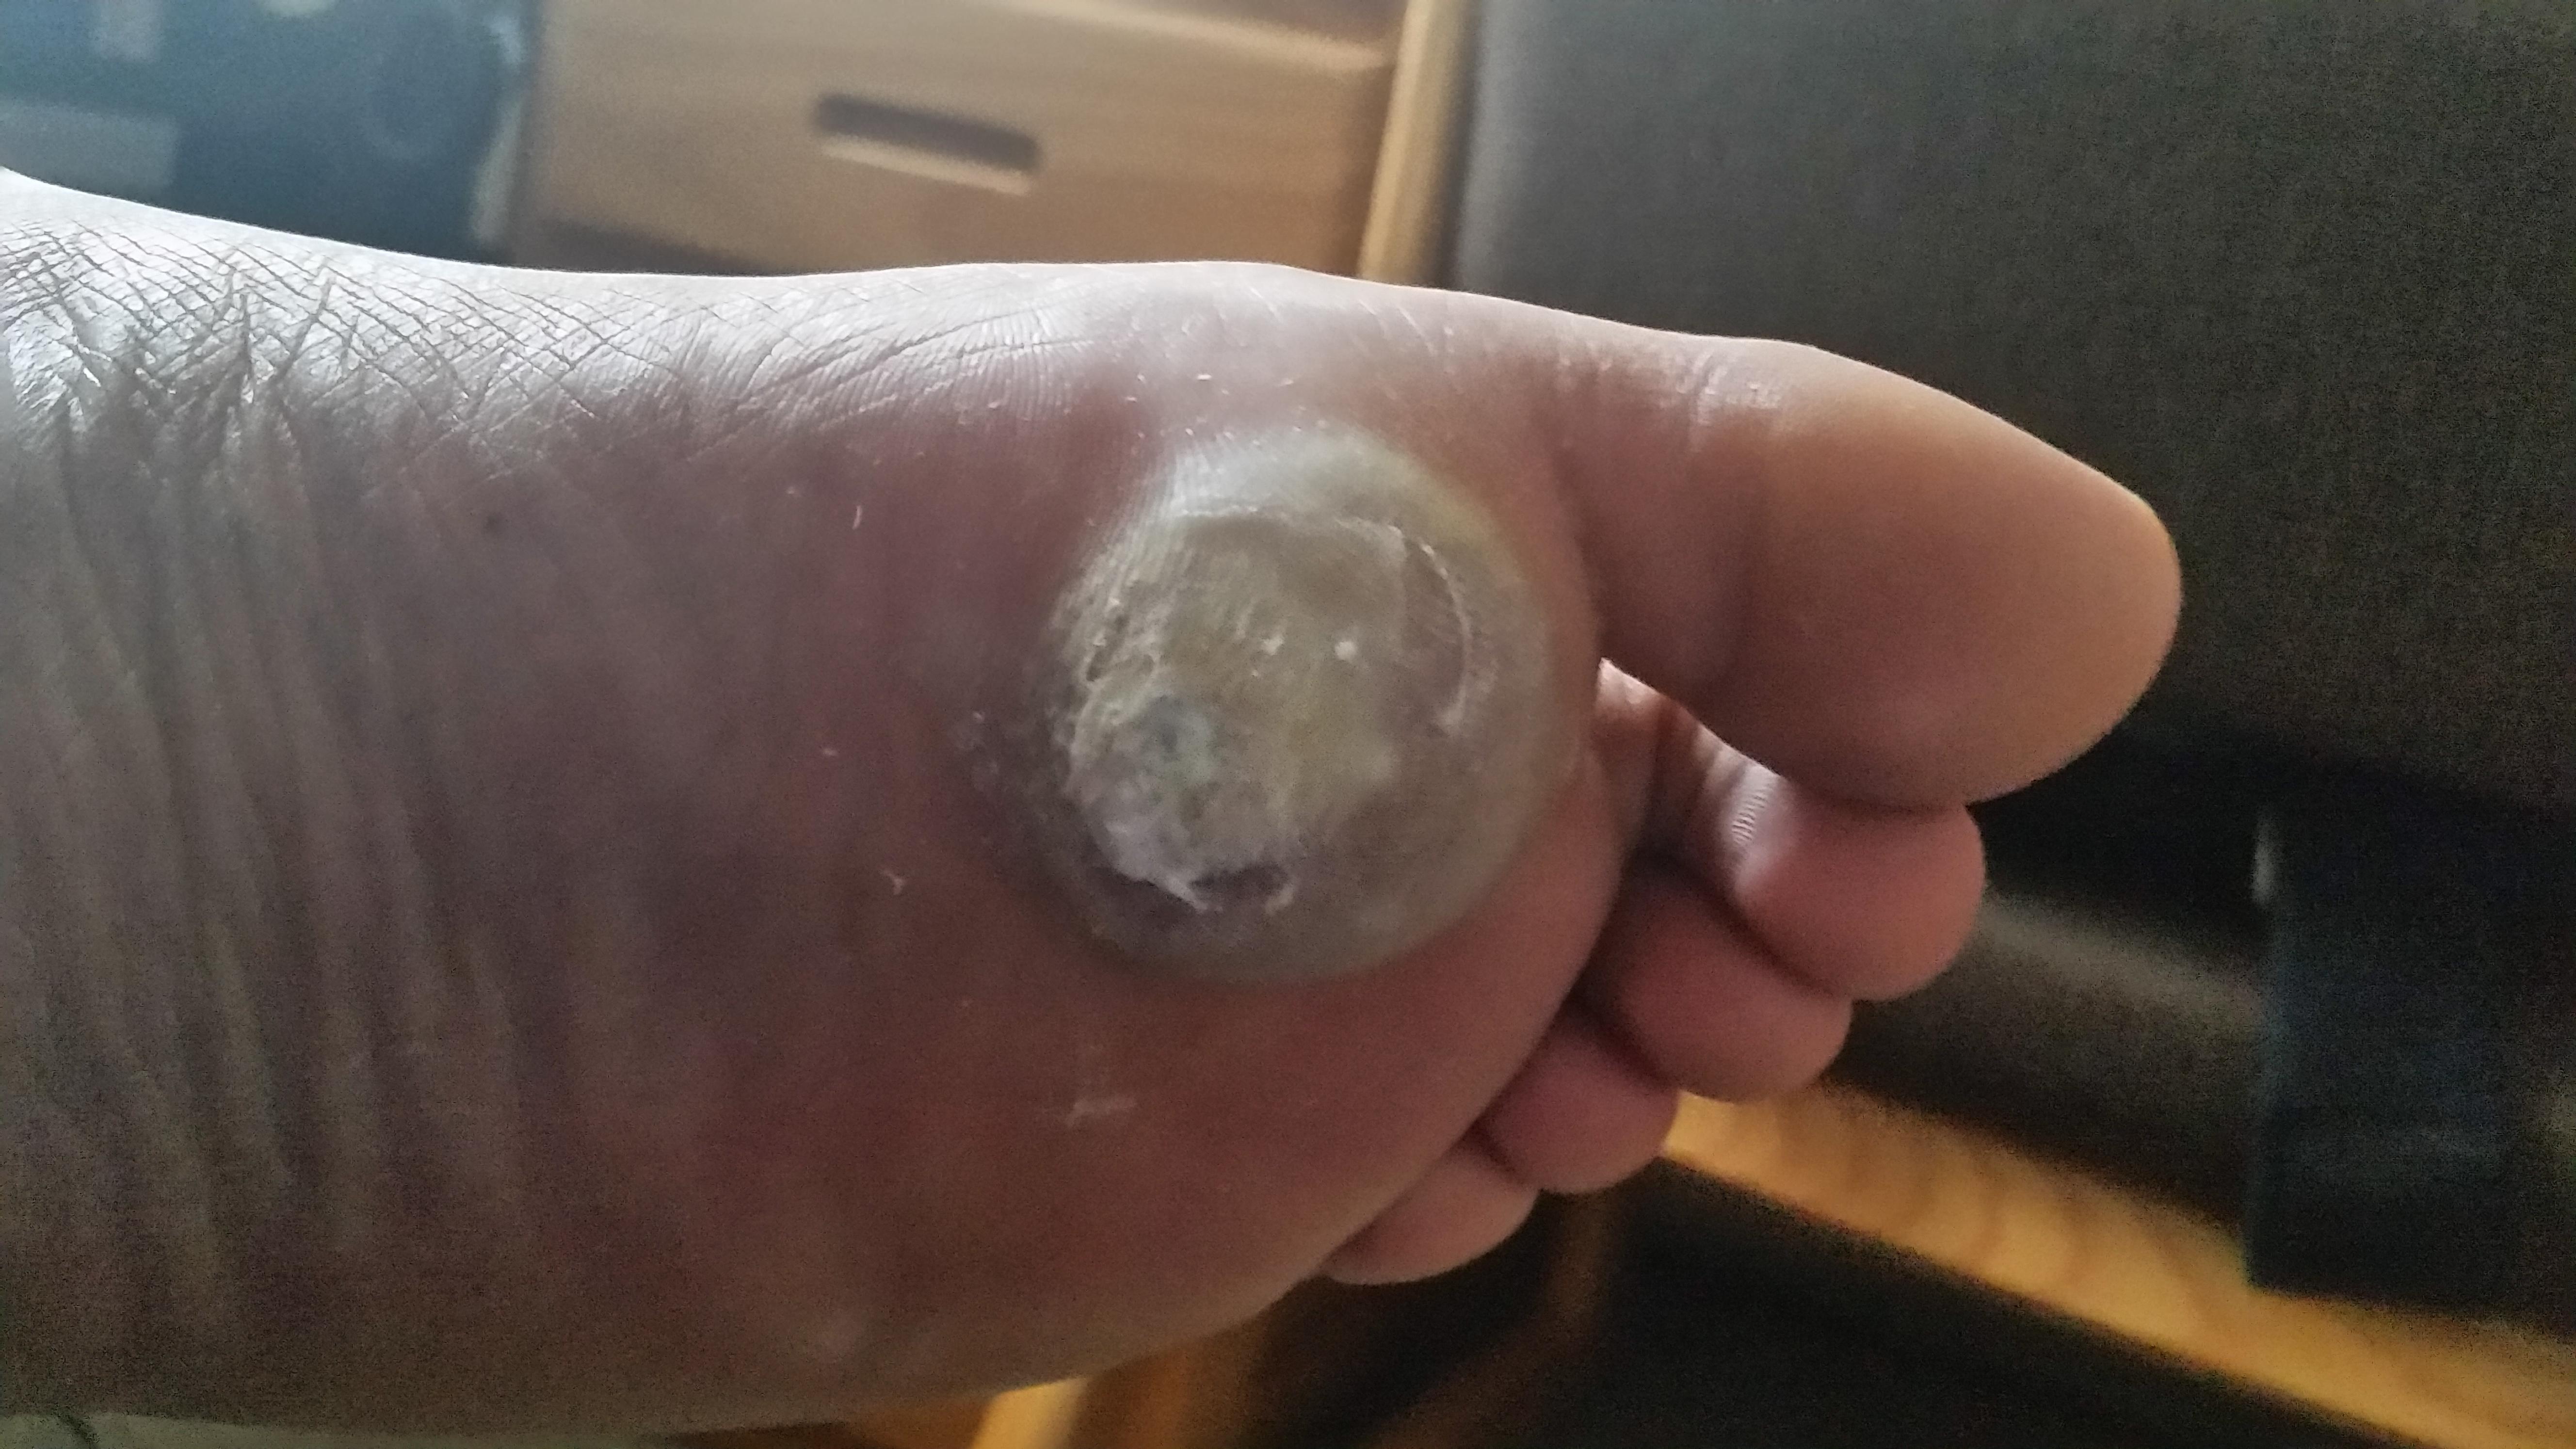 Wart on foot reddit. Job description